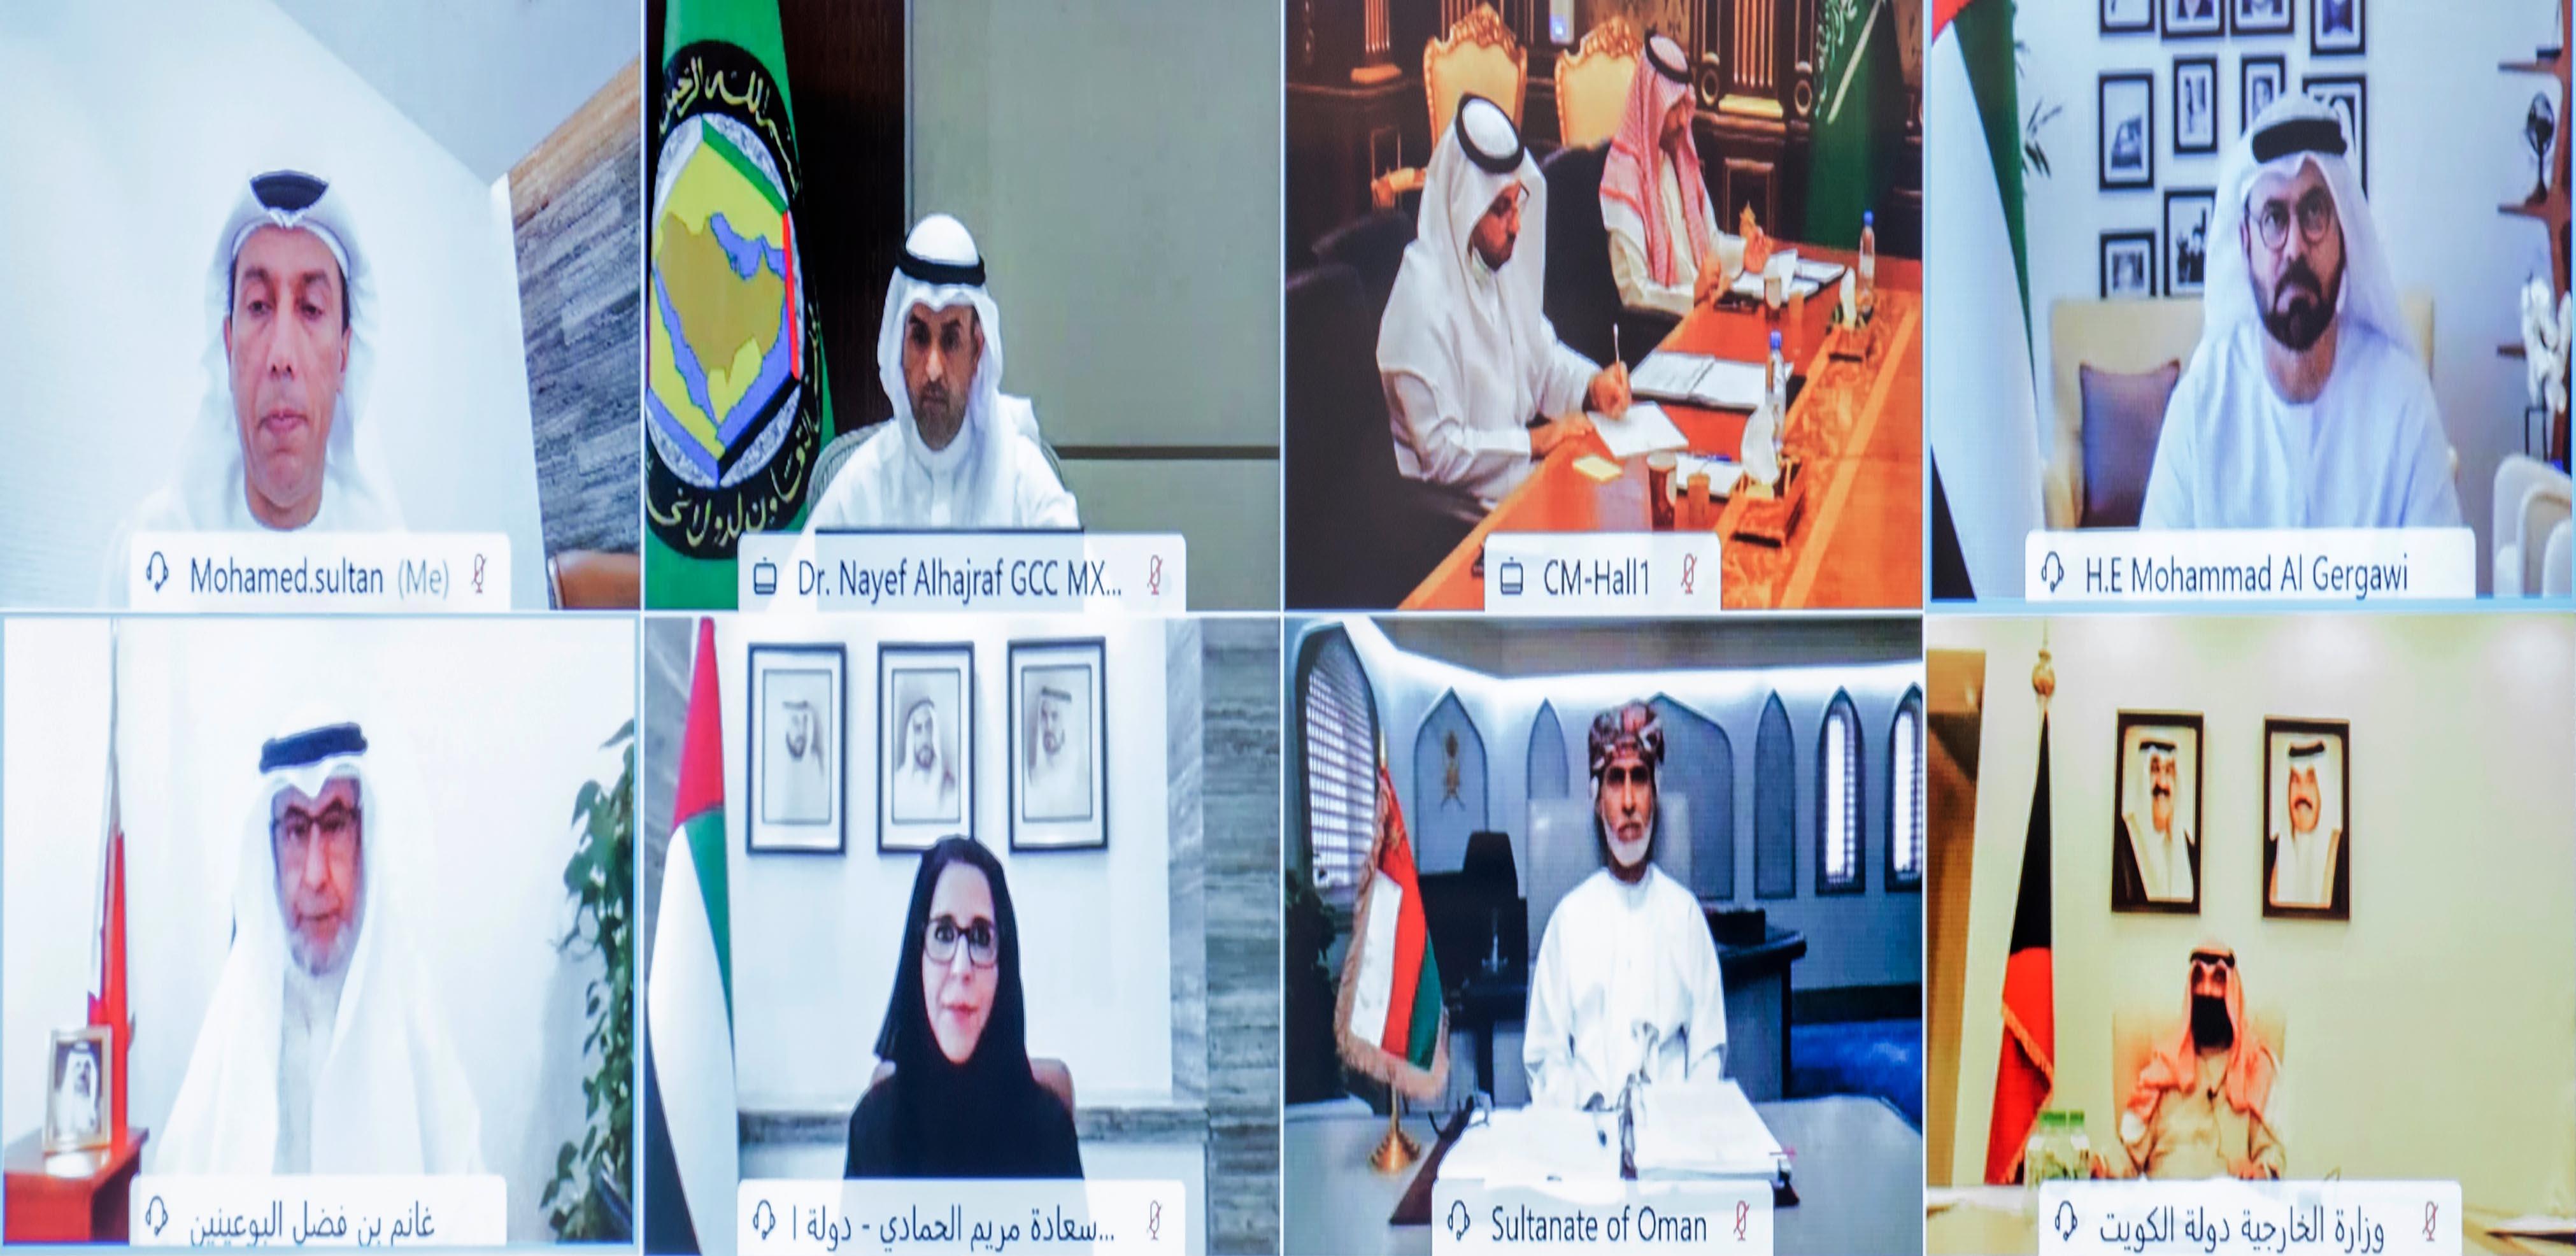 الإمارات تترأس اجتماع اللجنة الوزارية المكلفة بمتابعة تنفيذ قرارات مجلس التعاون الخليجي